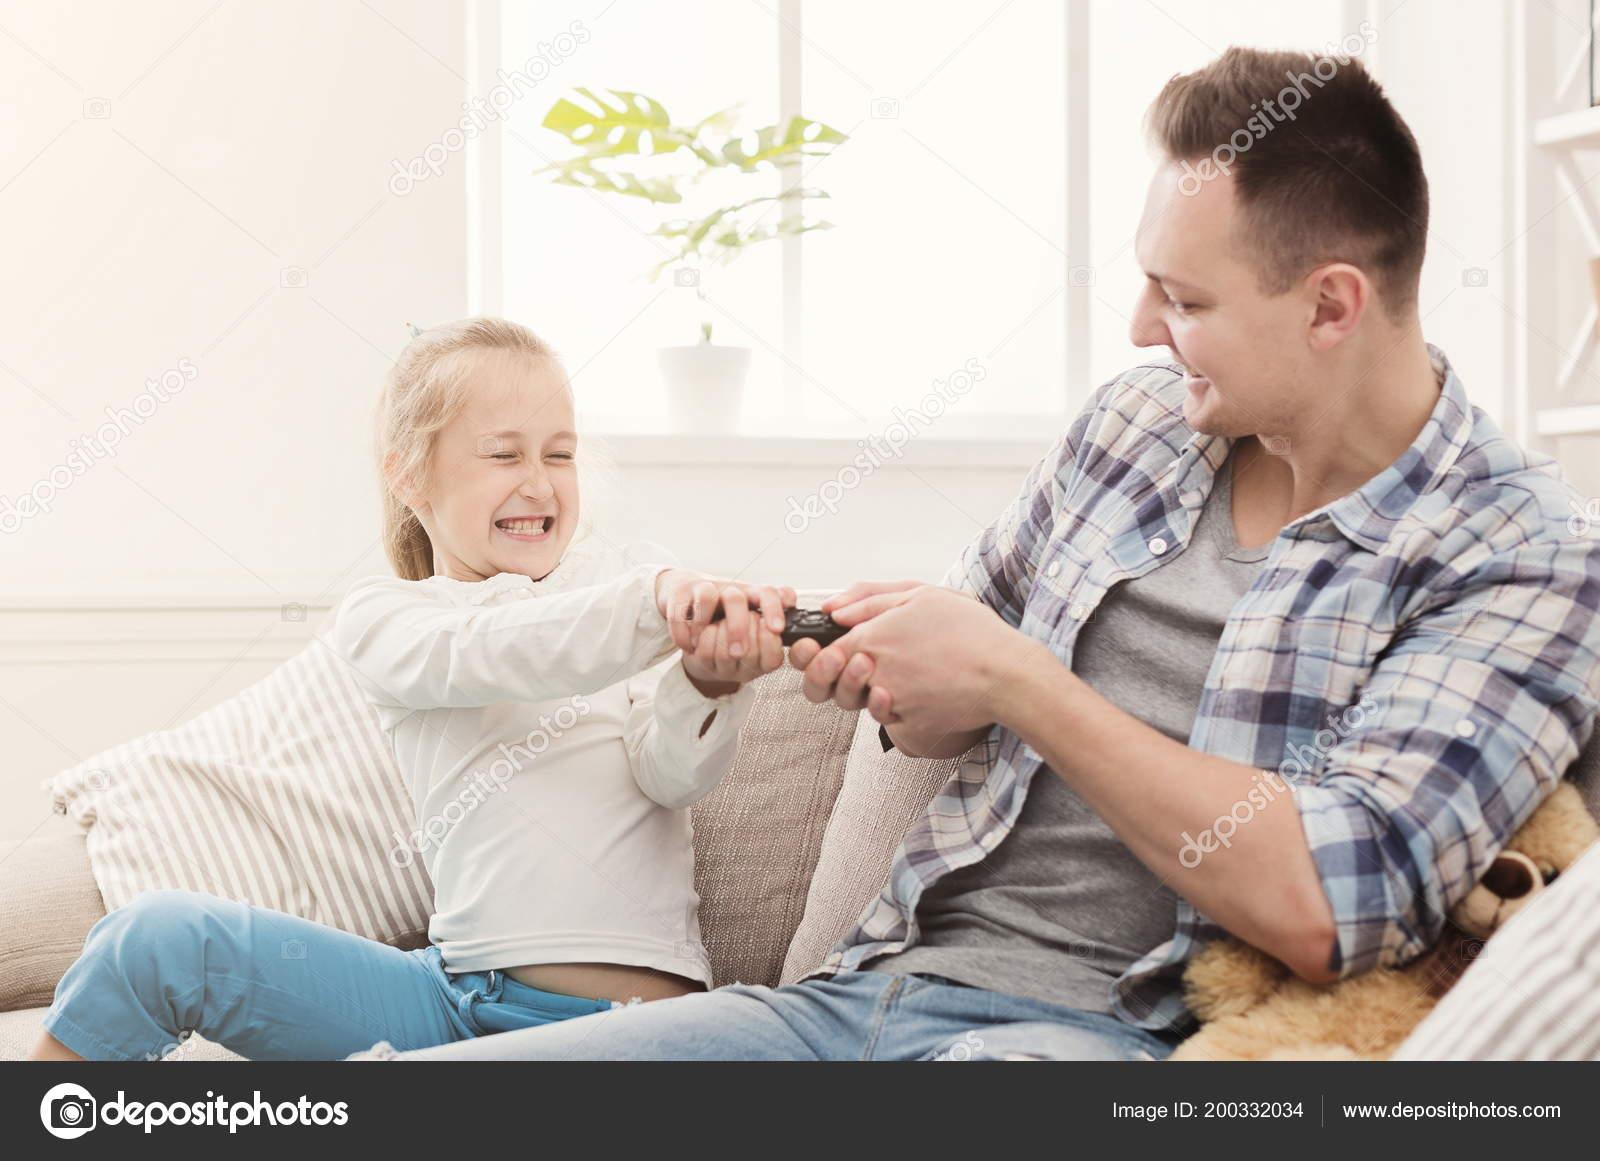 Японские шоу отец и дочь онлайн, Японское порно шоу отец должен отгадать дочь 23 фотография